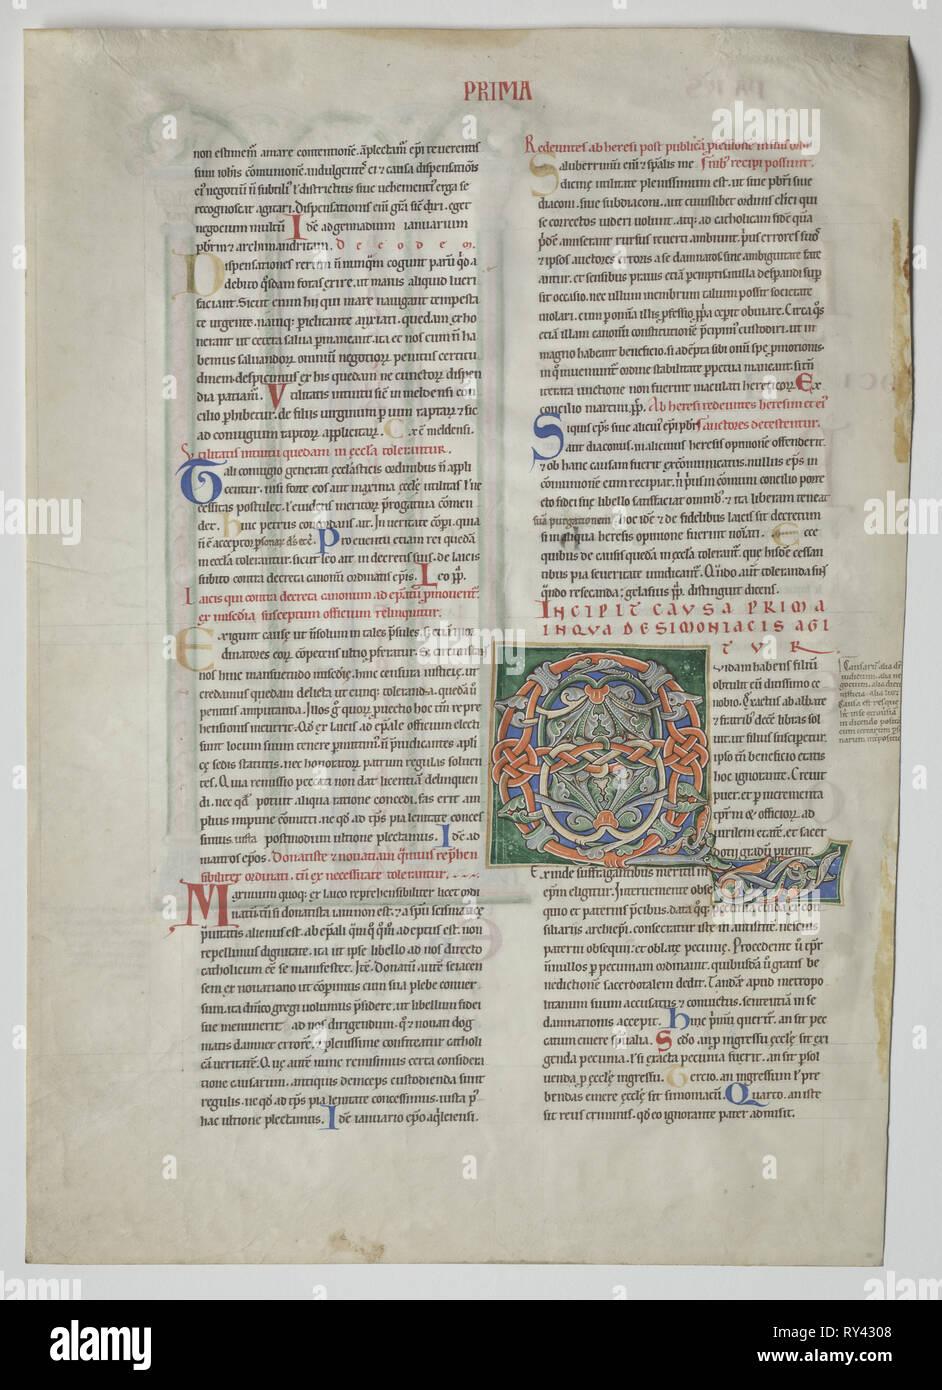 Une feuille d'un Decretum par Gratien: Initiale décorée Q[uidam obtulit habens filium], ch. 1160-1165. France, Bourgogne, Archevêque de sens, l'abbaye de Pontigny, 12e siècle. Tempera et encre sur vélin; feuille: 44,8 x 32 cm (17 5/8 x 12 5/8 in.); pans: 63,5 x 48,3 cm (25 x 19 in.); enchevêtrées: 55,9 x 40,6 cm (22 x 16 in Banque D'Images